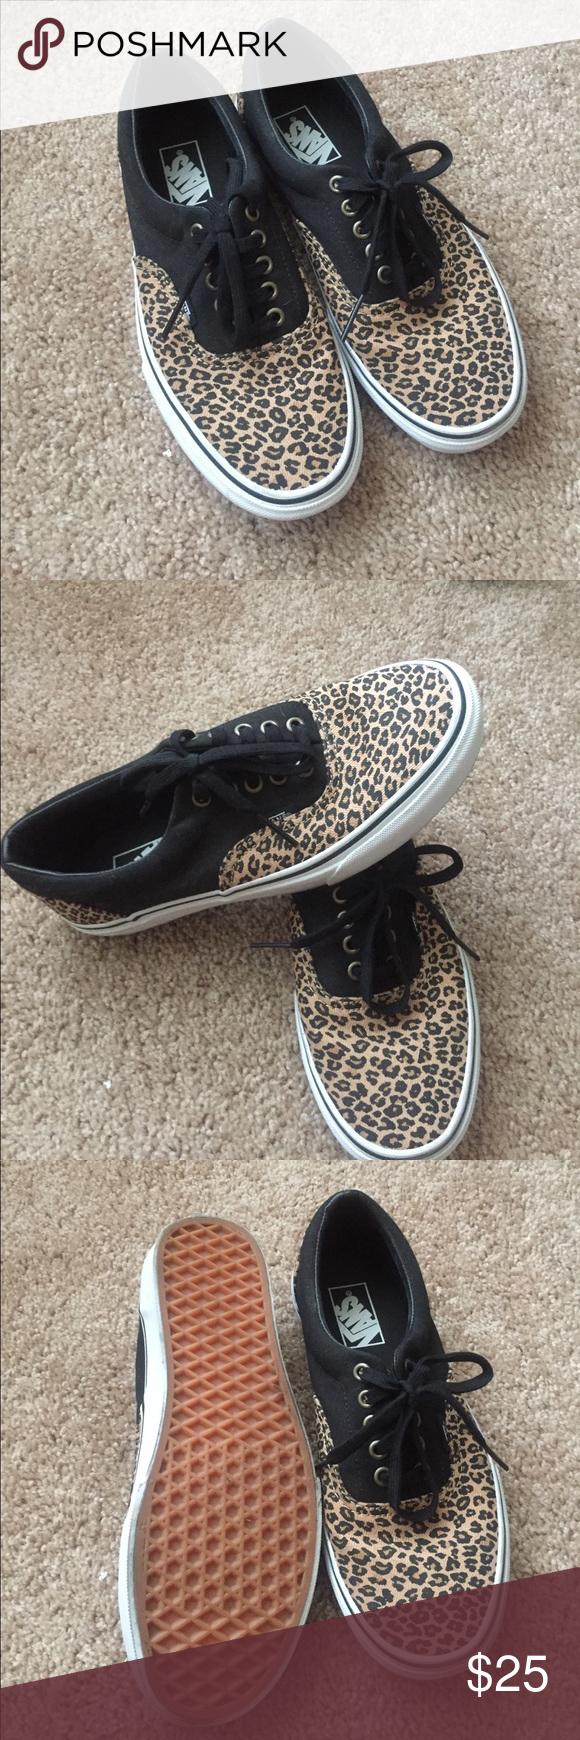 bbab78c6987 VANS leopard print lace up sneakers. Never worn women s US size 9. Authentic  leopard print vans sneakers. Vans Shoes Sneakers